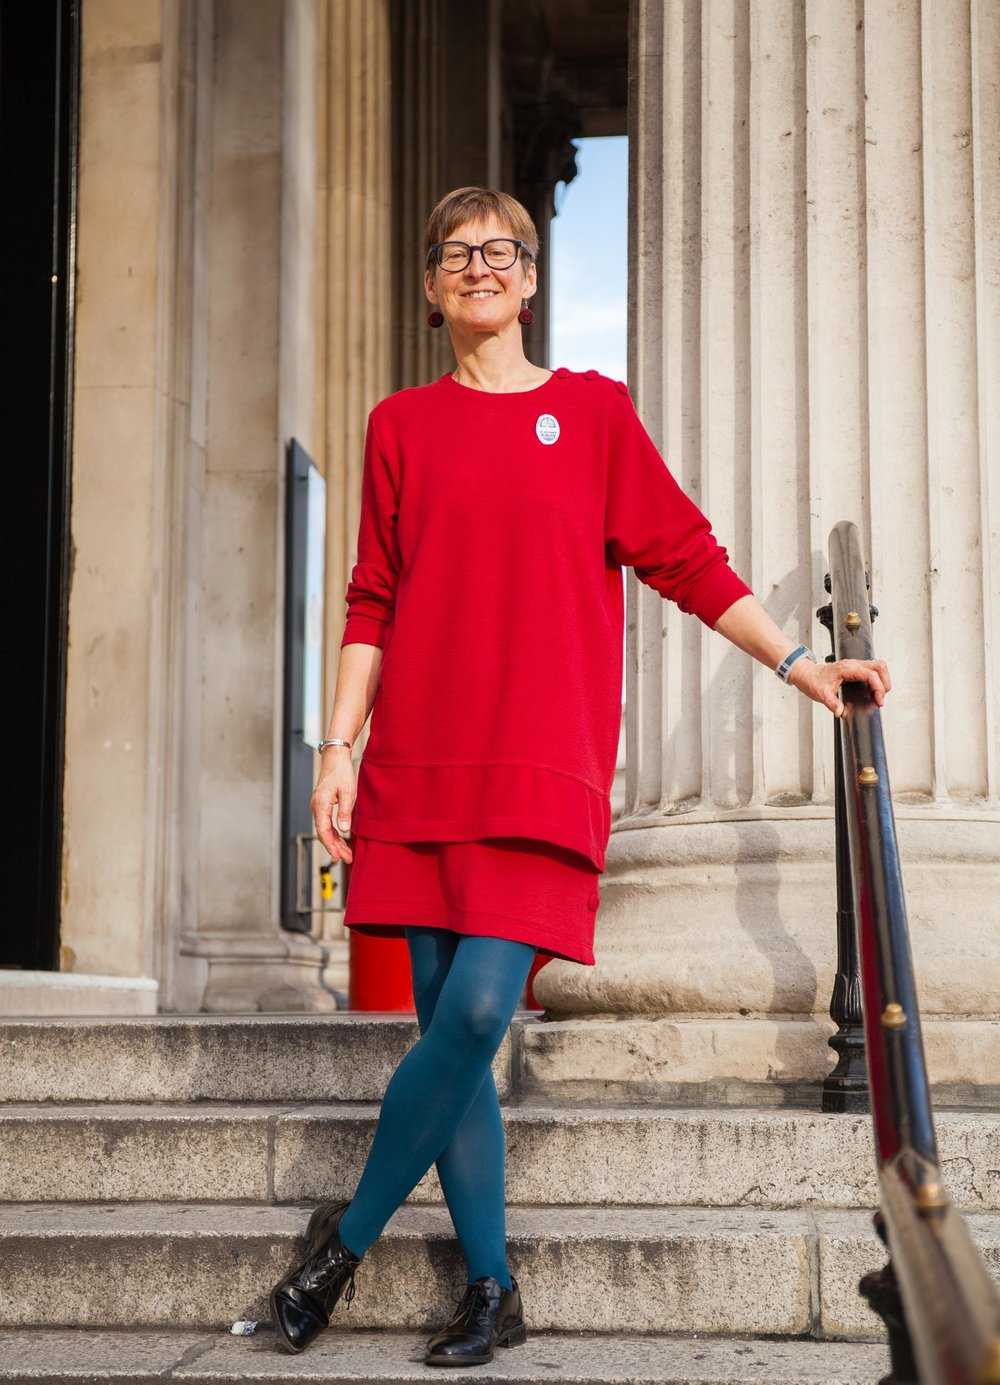 Ingrid Wallenborg London Tour Guide